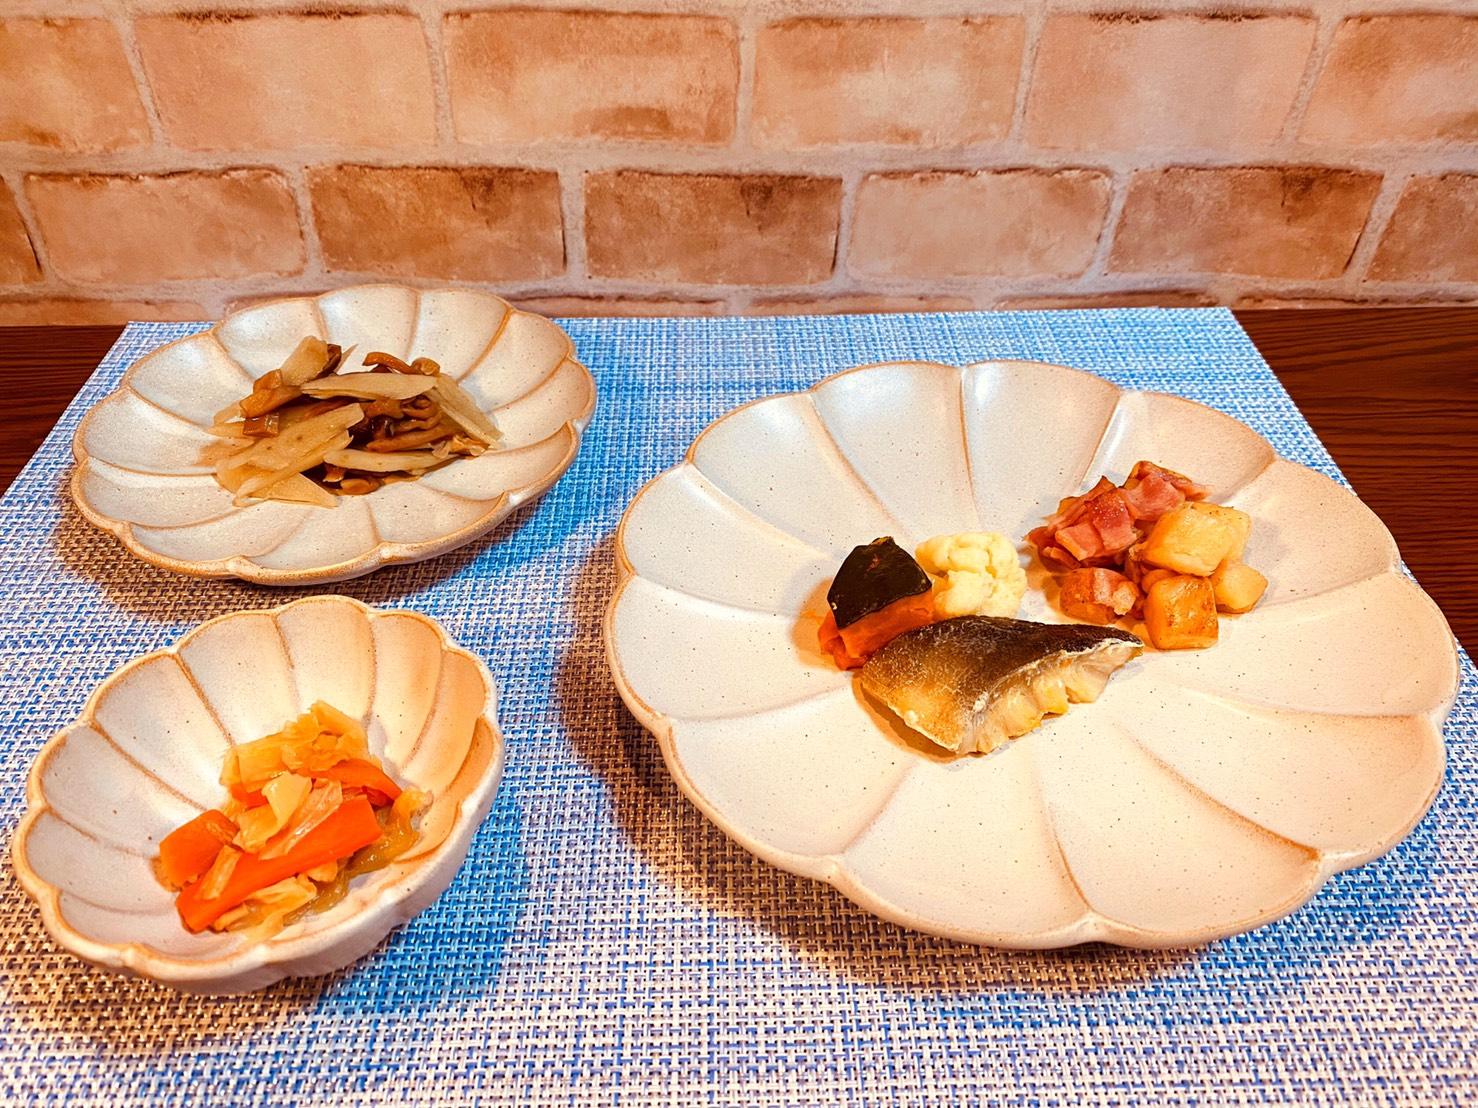 腎臓病食(たんぱく調整食9g)試食コース6食